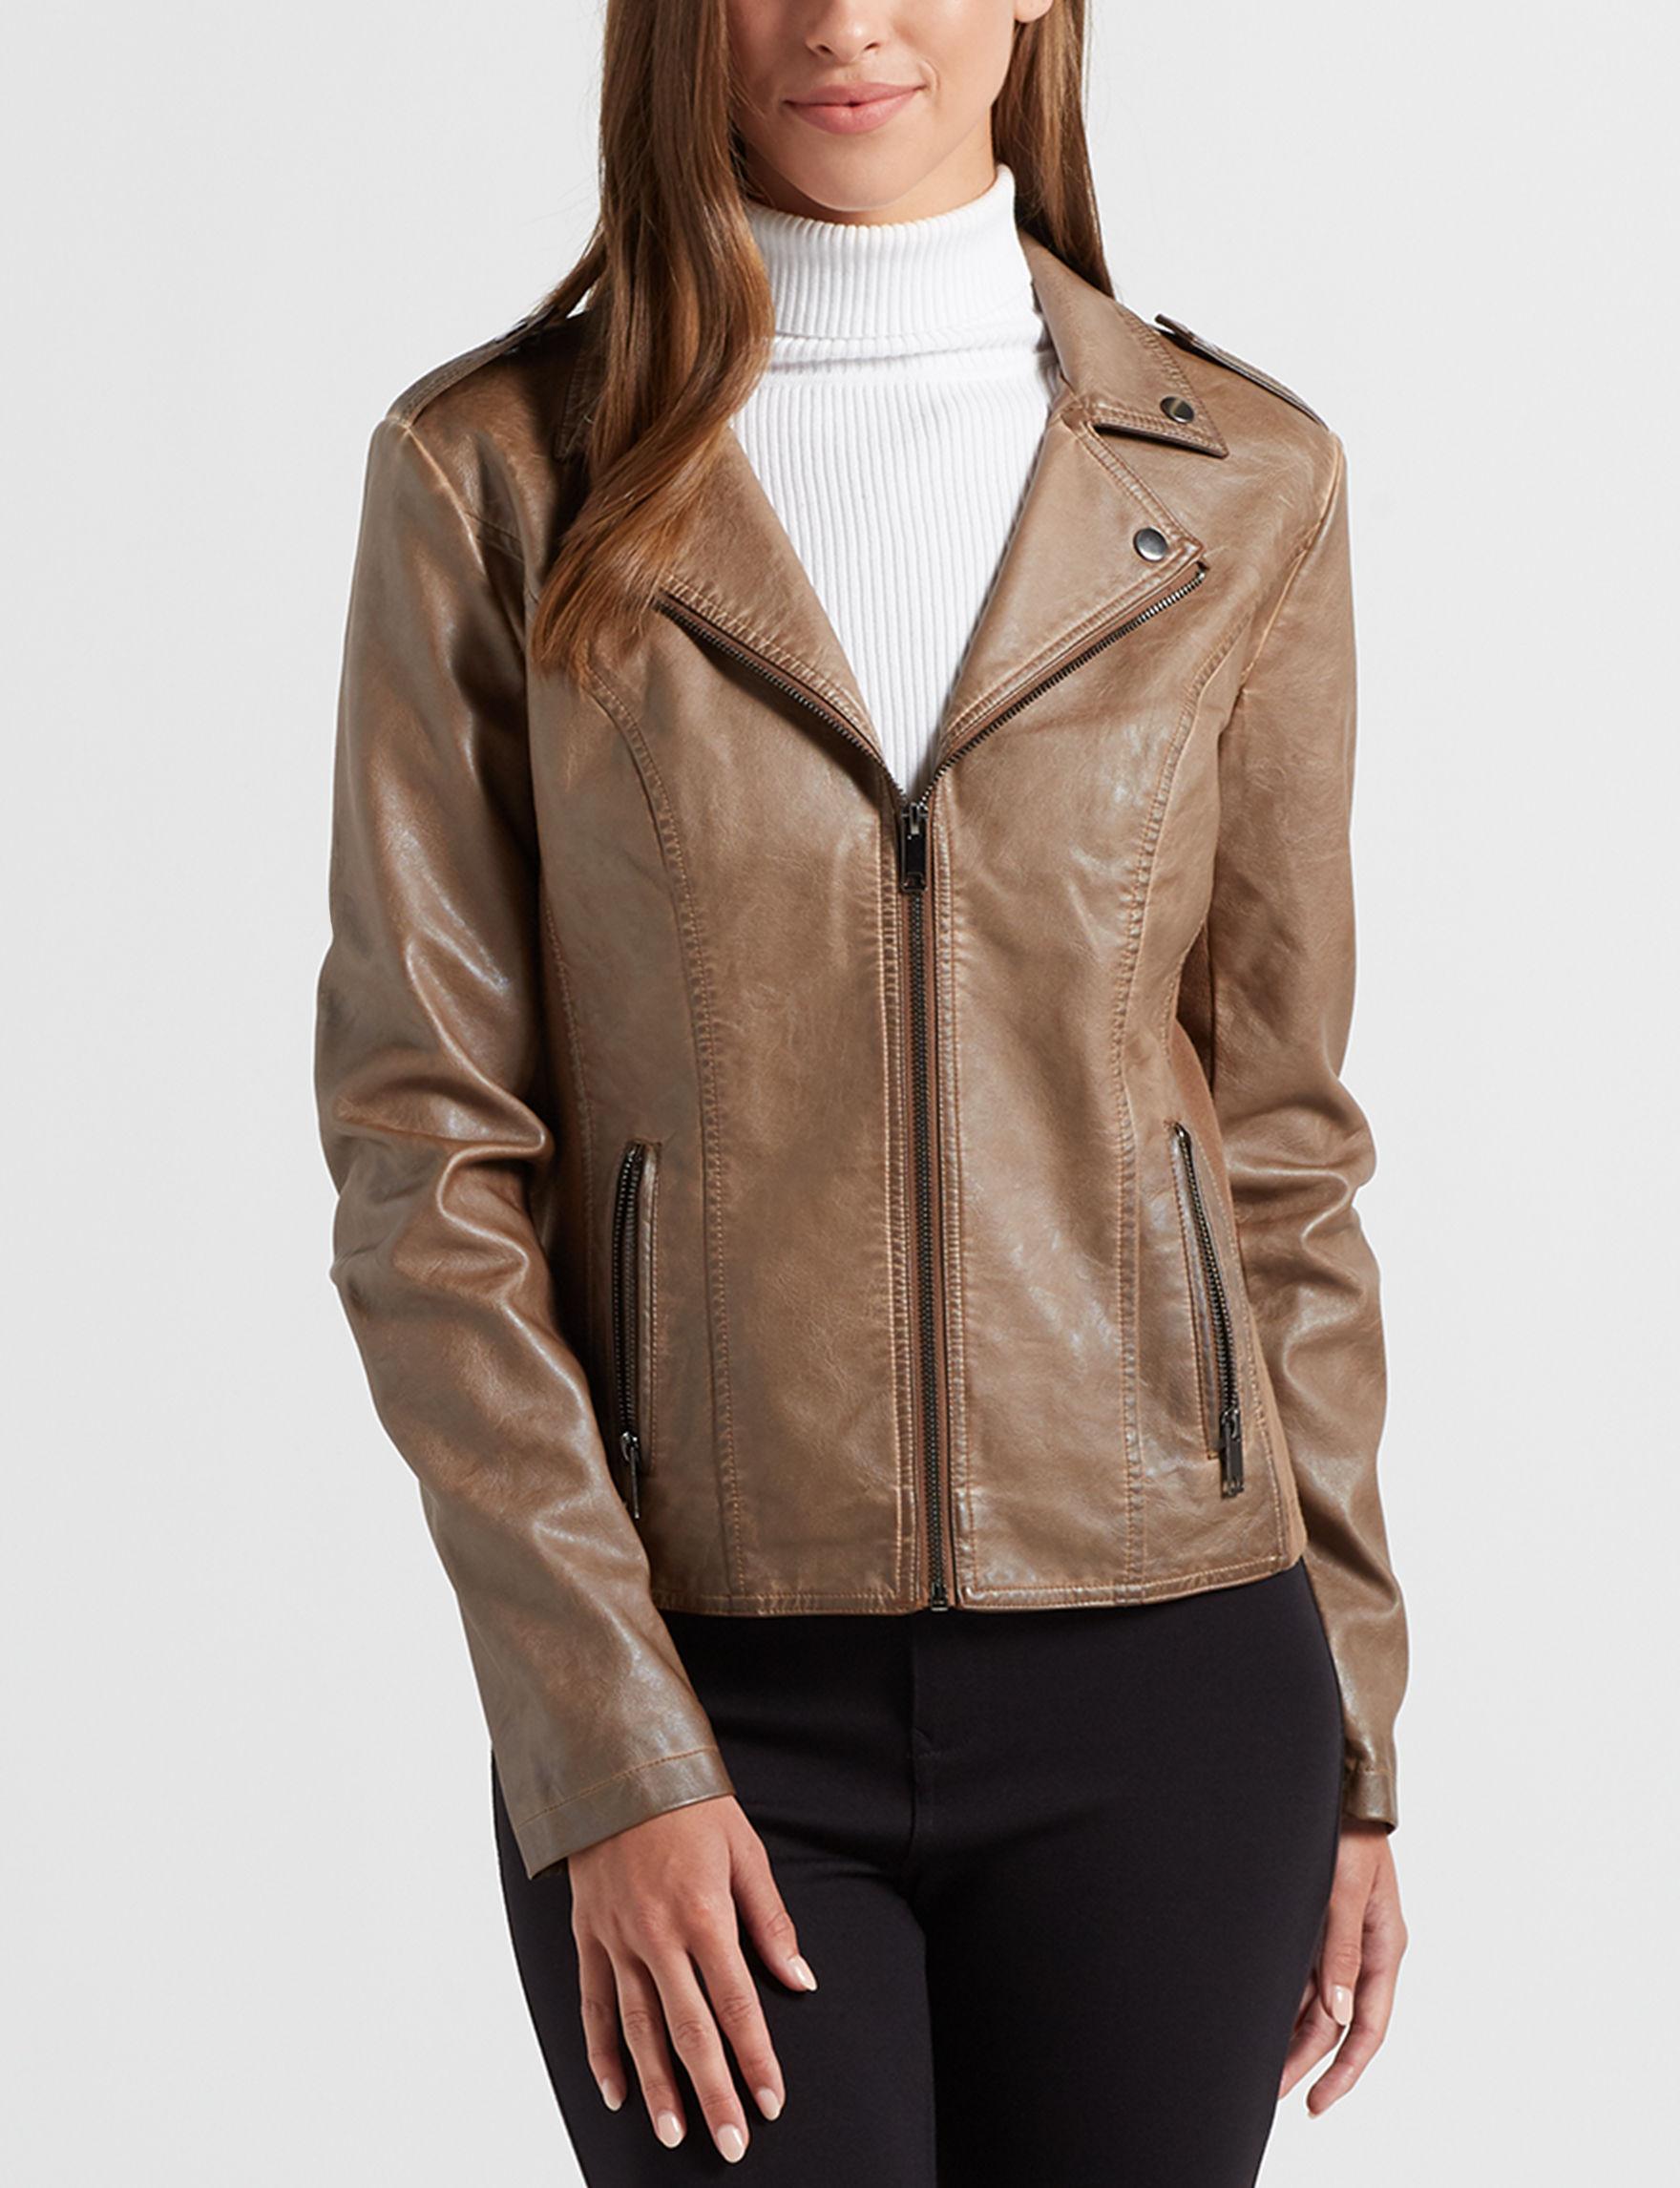 Sebby Collection Walnut Bomber & Moto Jackets